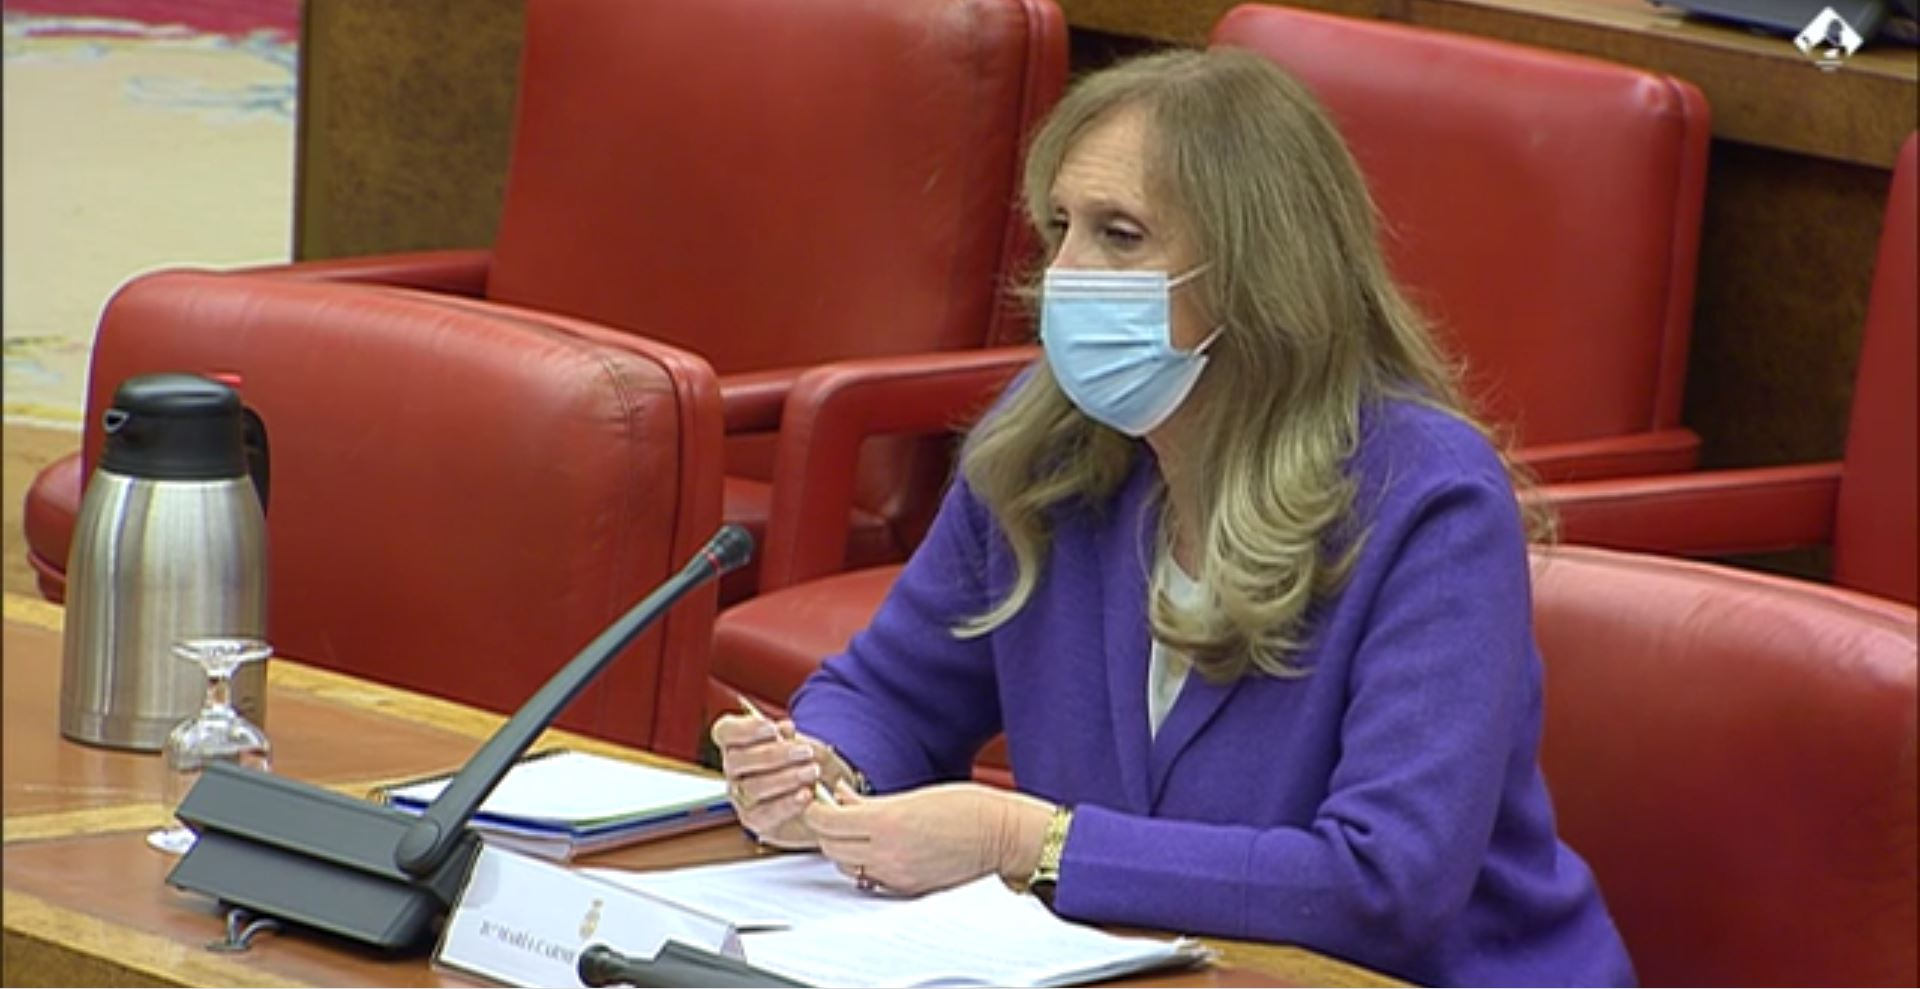 La periodista Carmen Sastre durante su comparecencia en el Congreso de los Diputados, el 14 de enero de 2021, como candidata al consejo de administración de RTVE | Congreso/Archivo